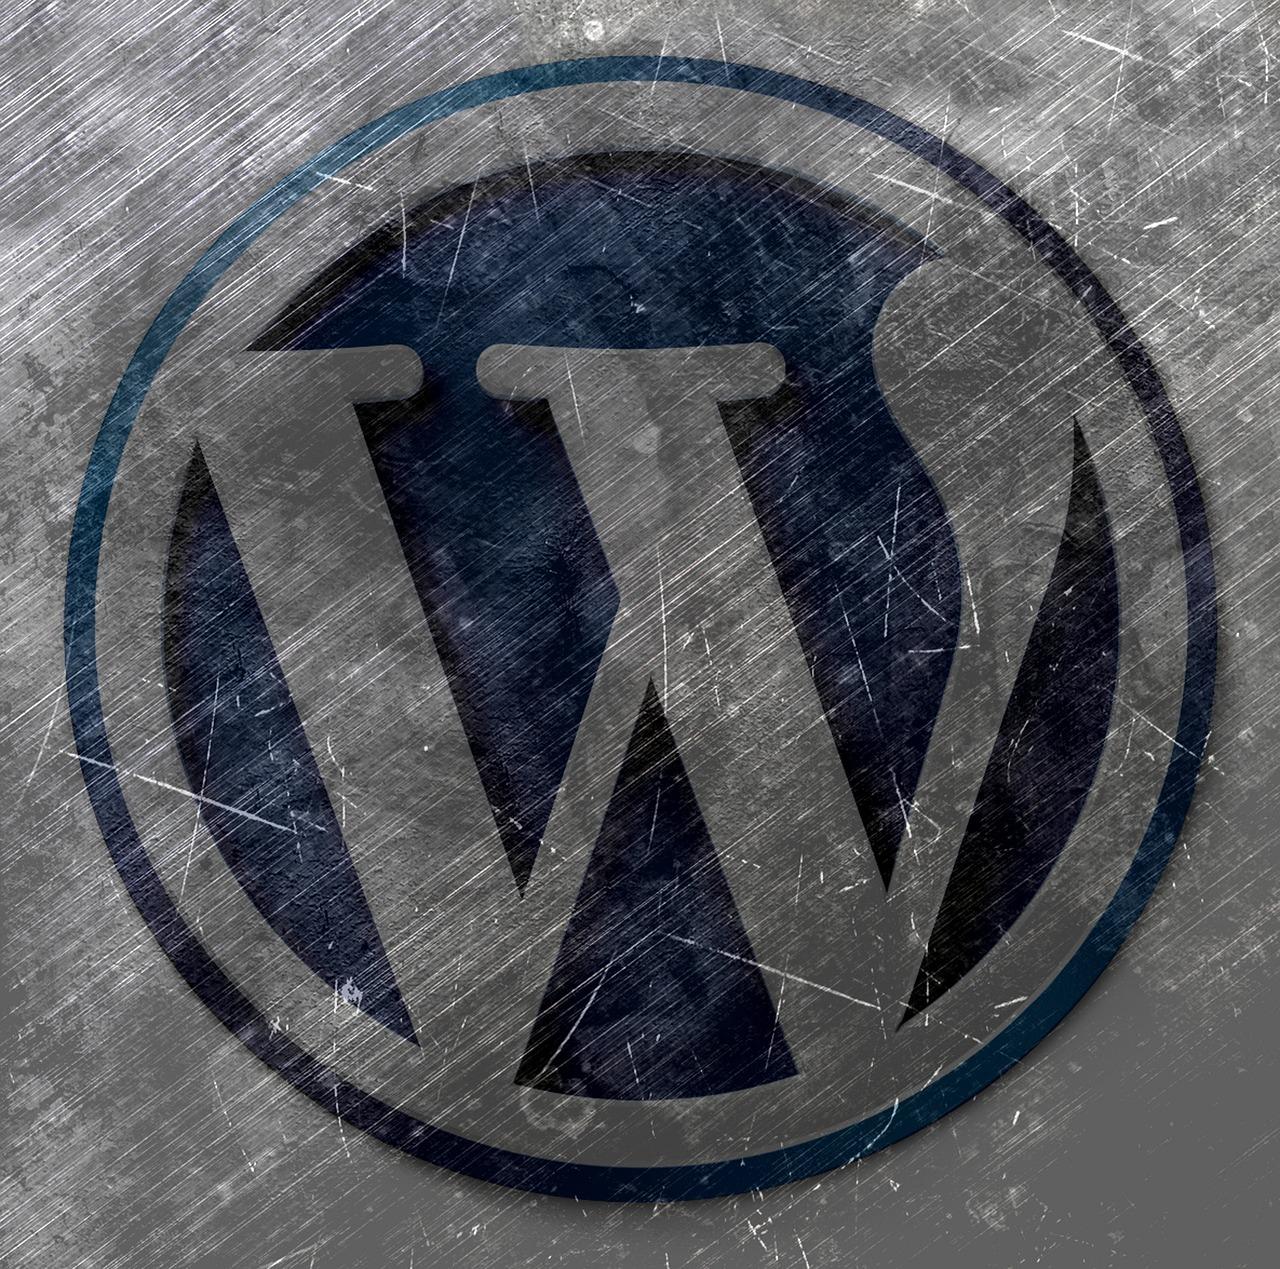 WordPressでブログを始めよう。初心者が最初に戸惑うこと5選!